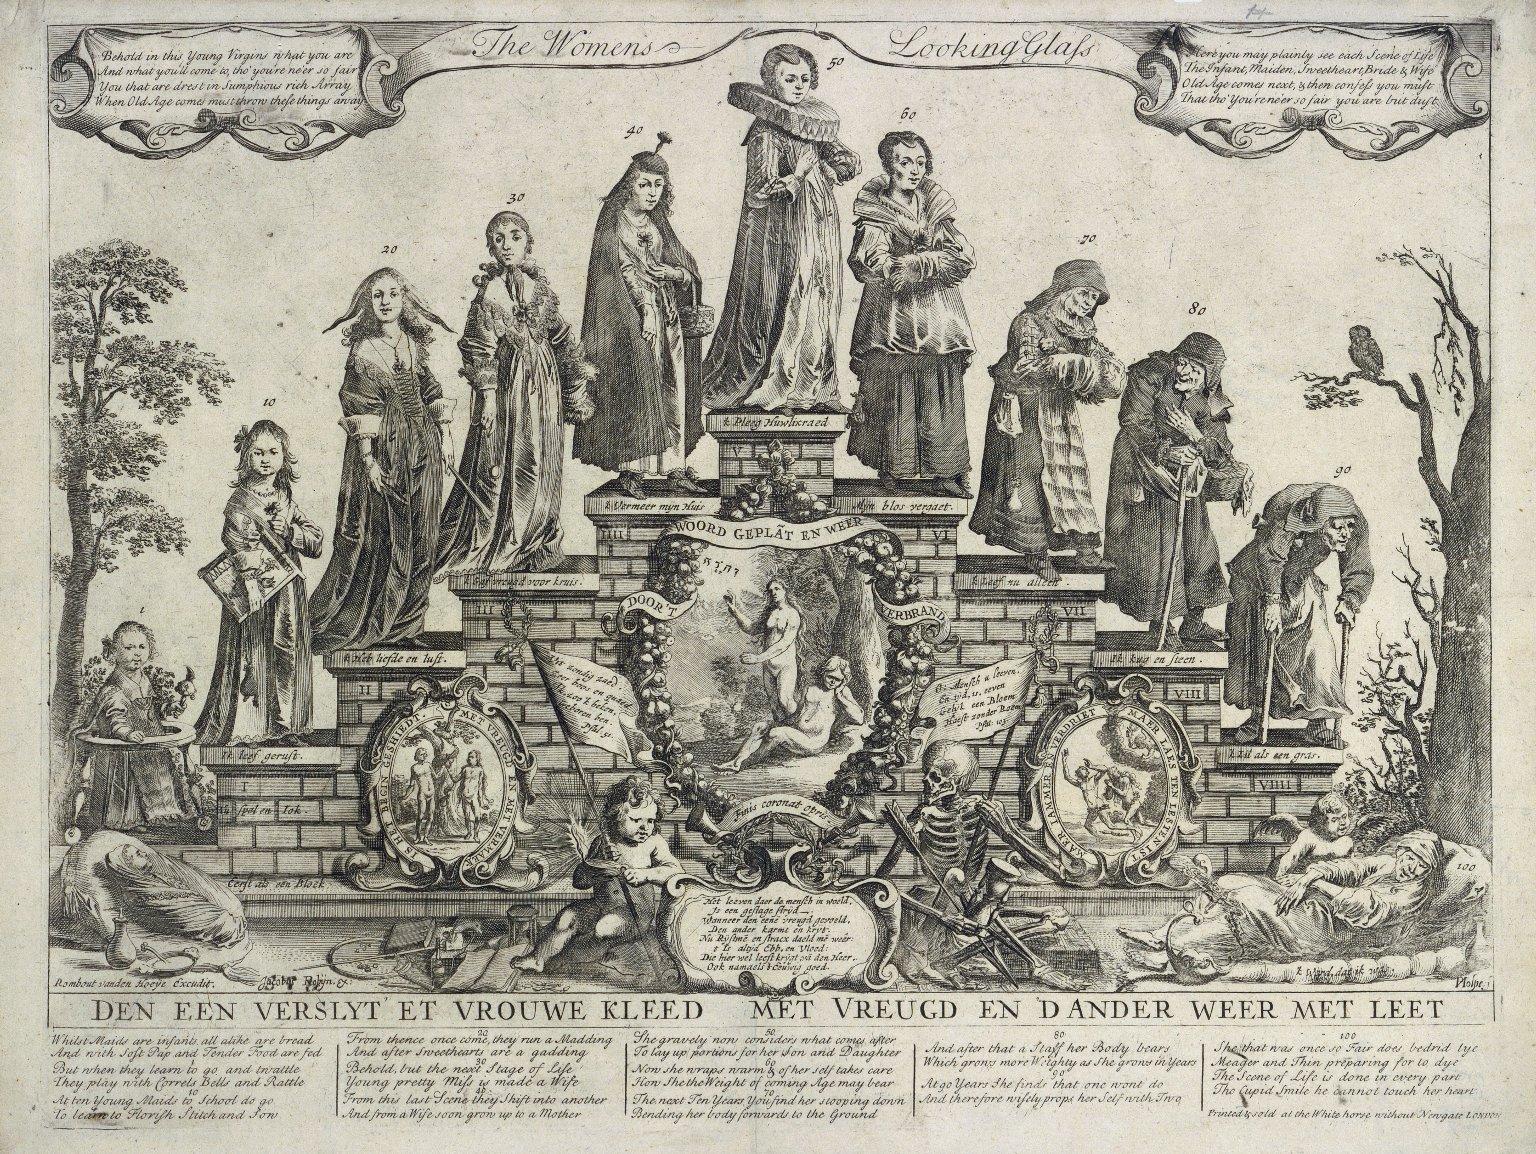 The women's looking glass [graphic] / Rombout van den Hoeije excudit ; Jacobus Robijn ex. ; P. Nolpe f.